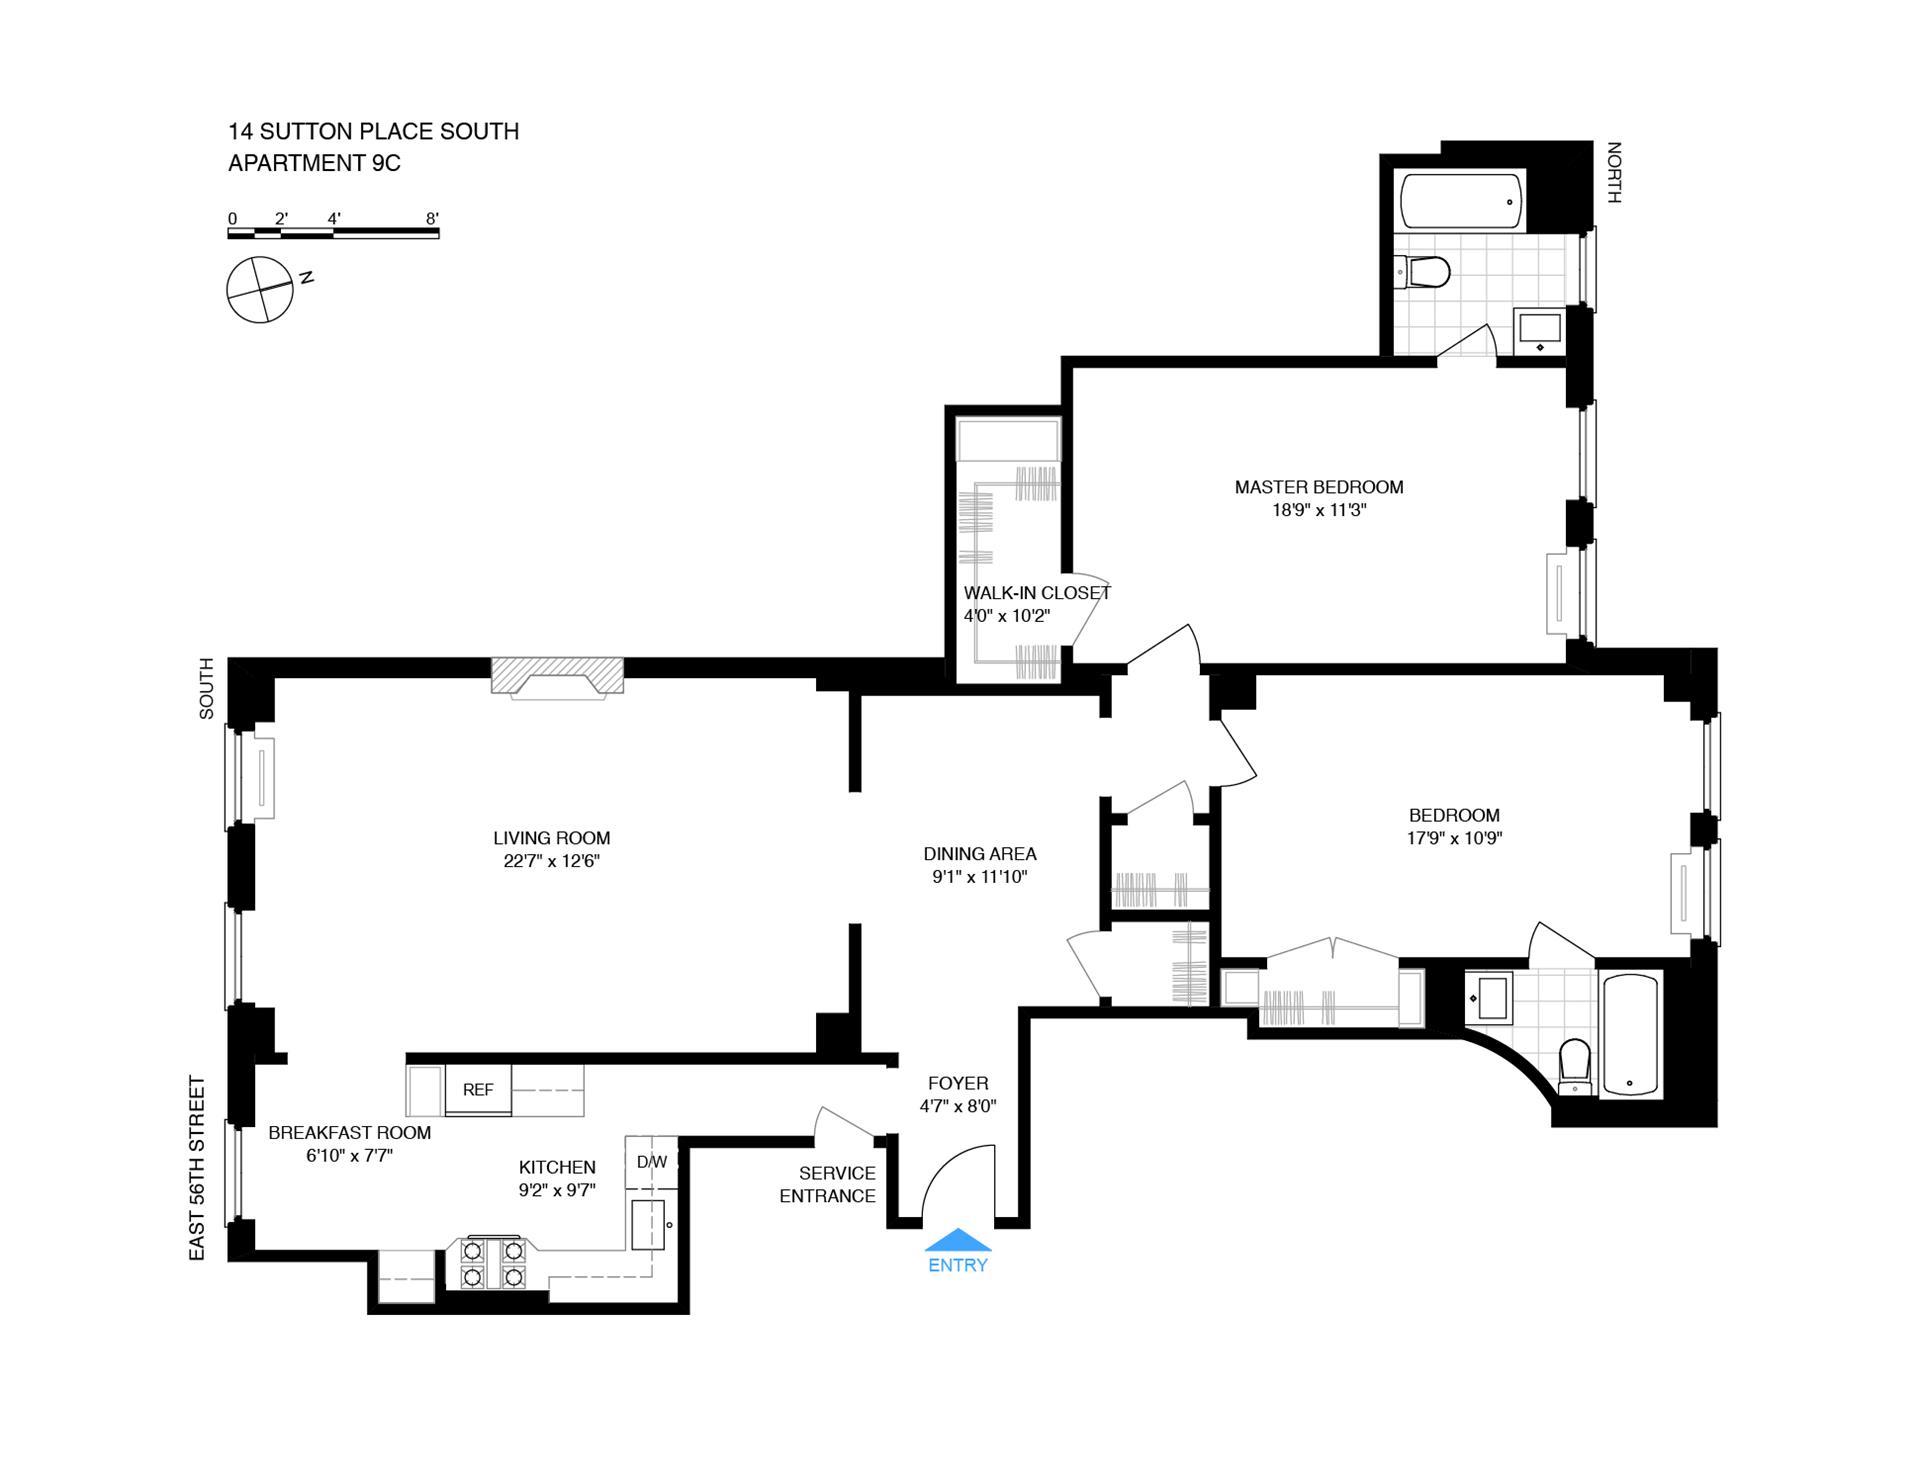 Floor plan of SUTTON TENANTS CORP, 14 Sutton Pl South, 9C - Sutton Area, New York